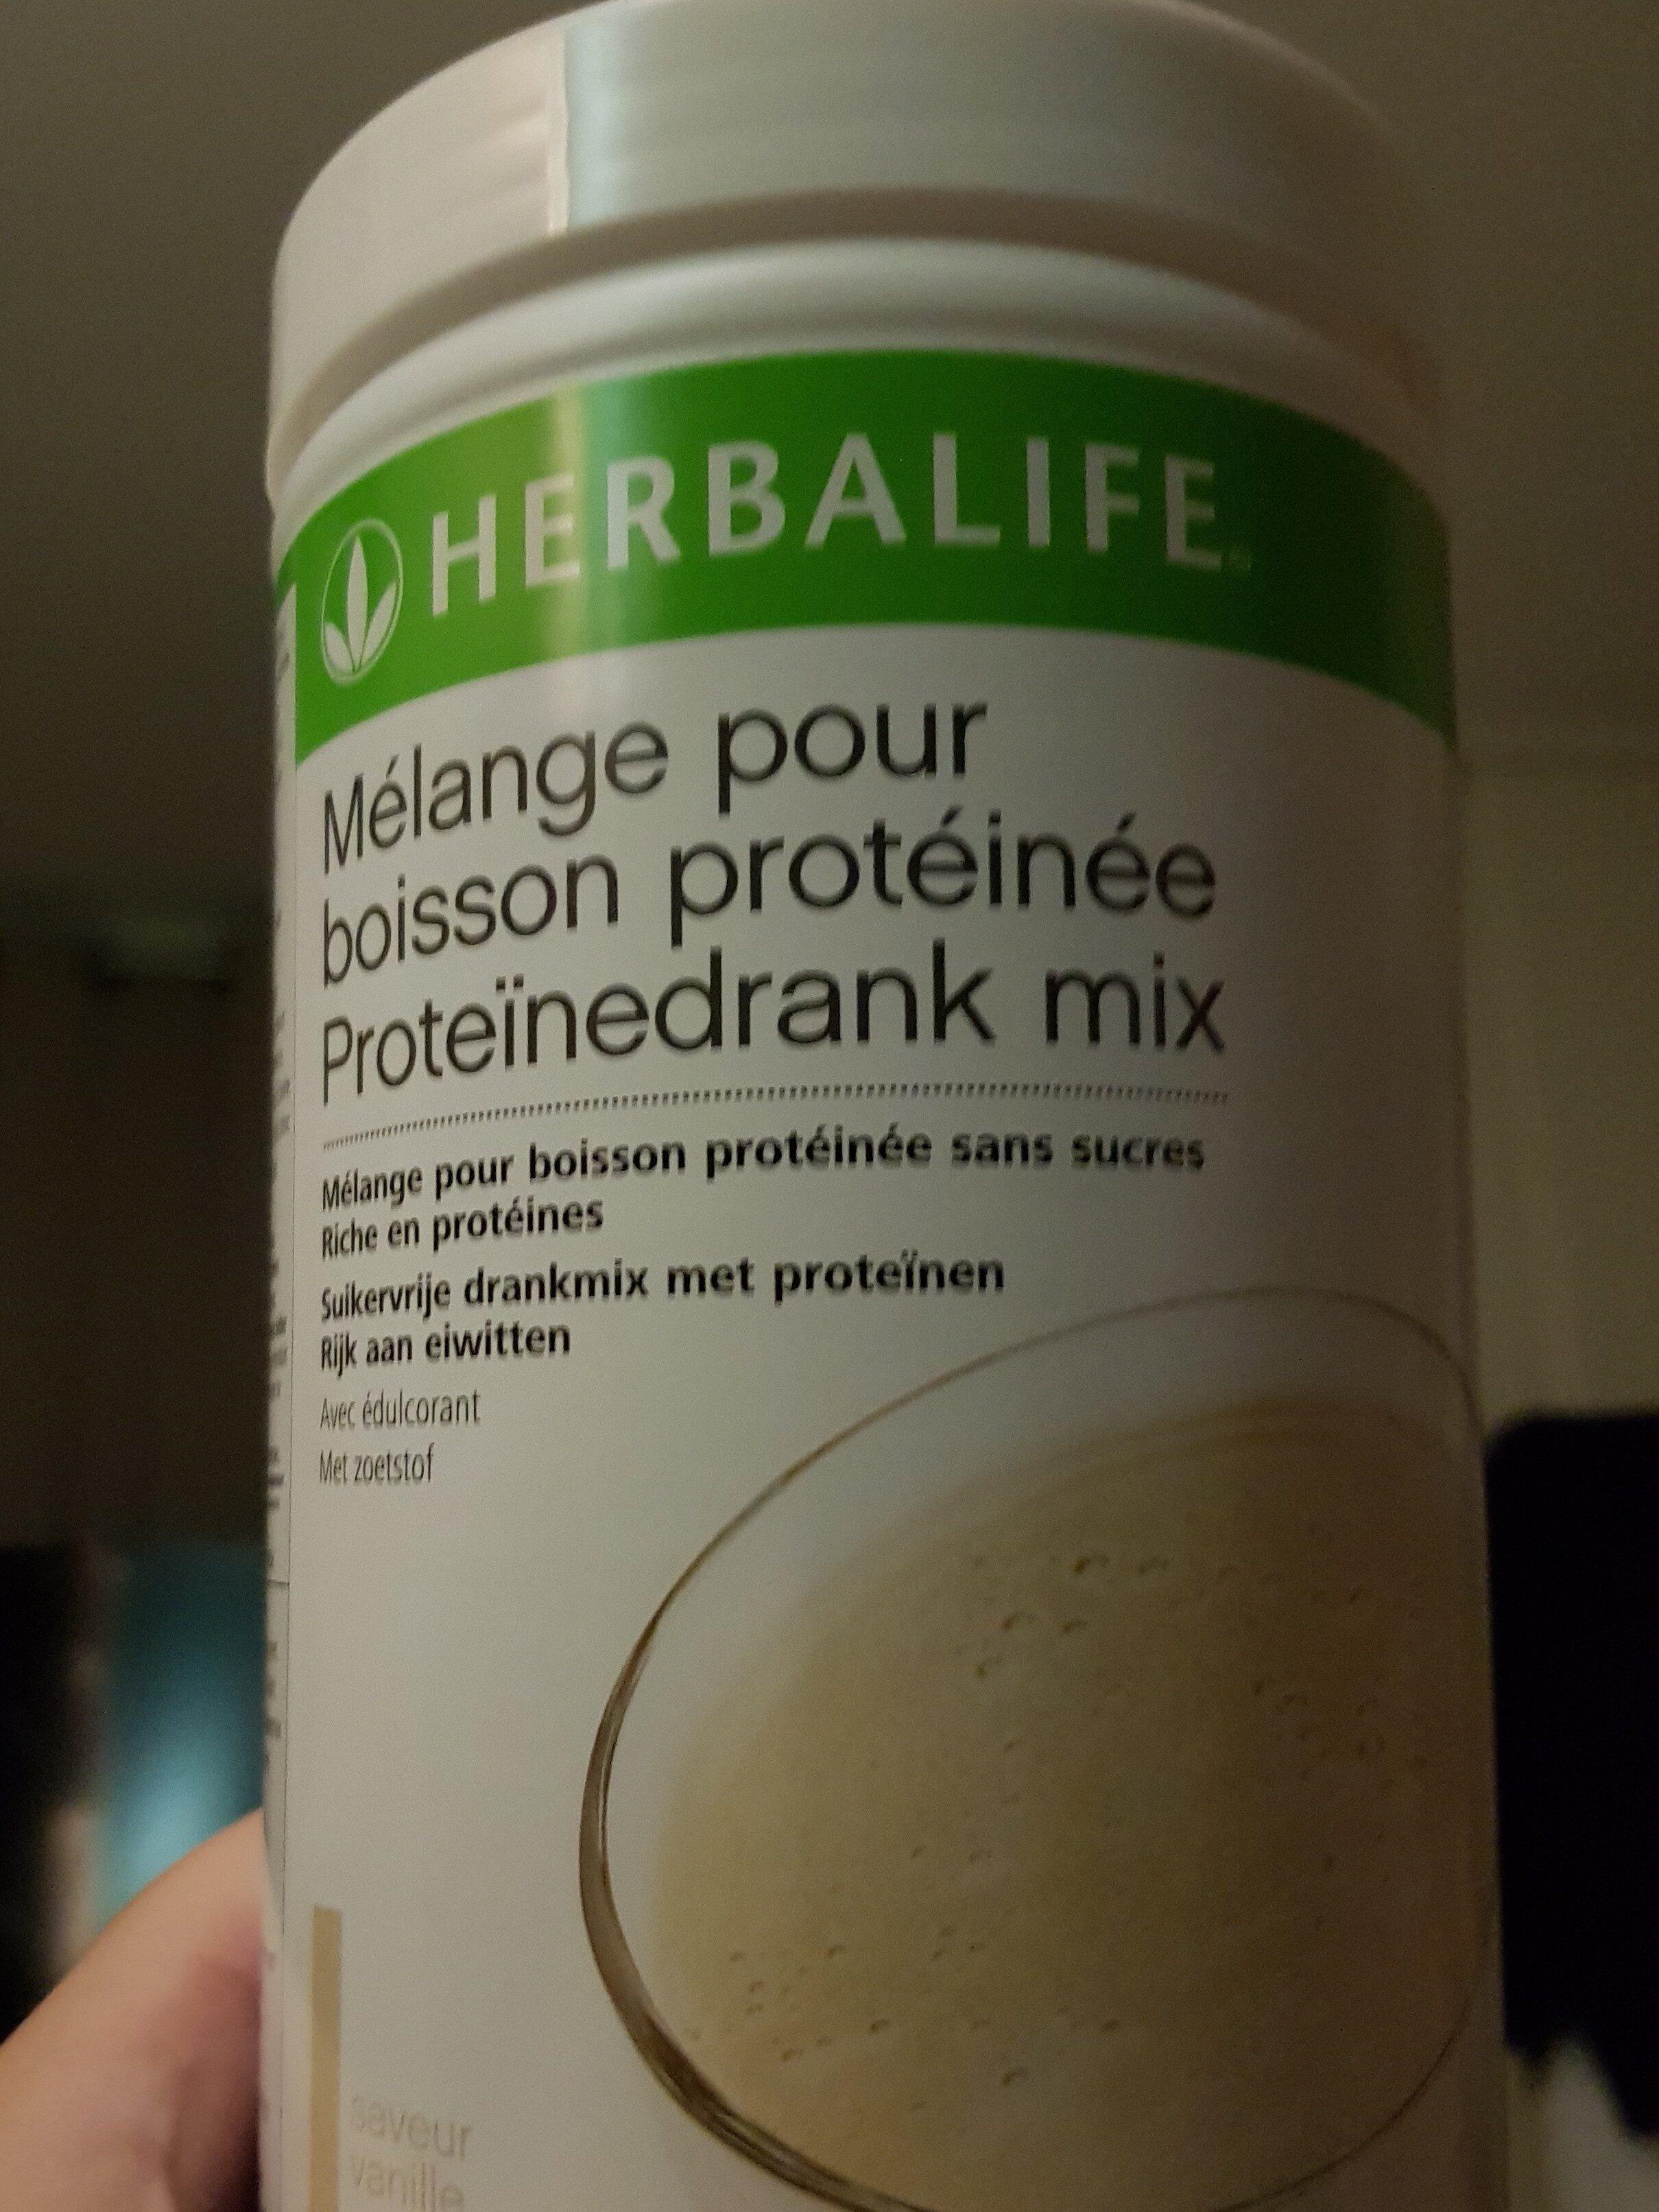 Protein drink mix - Ingredienti - it